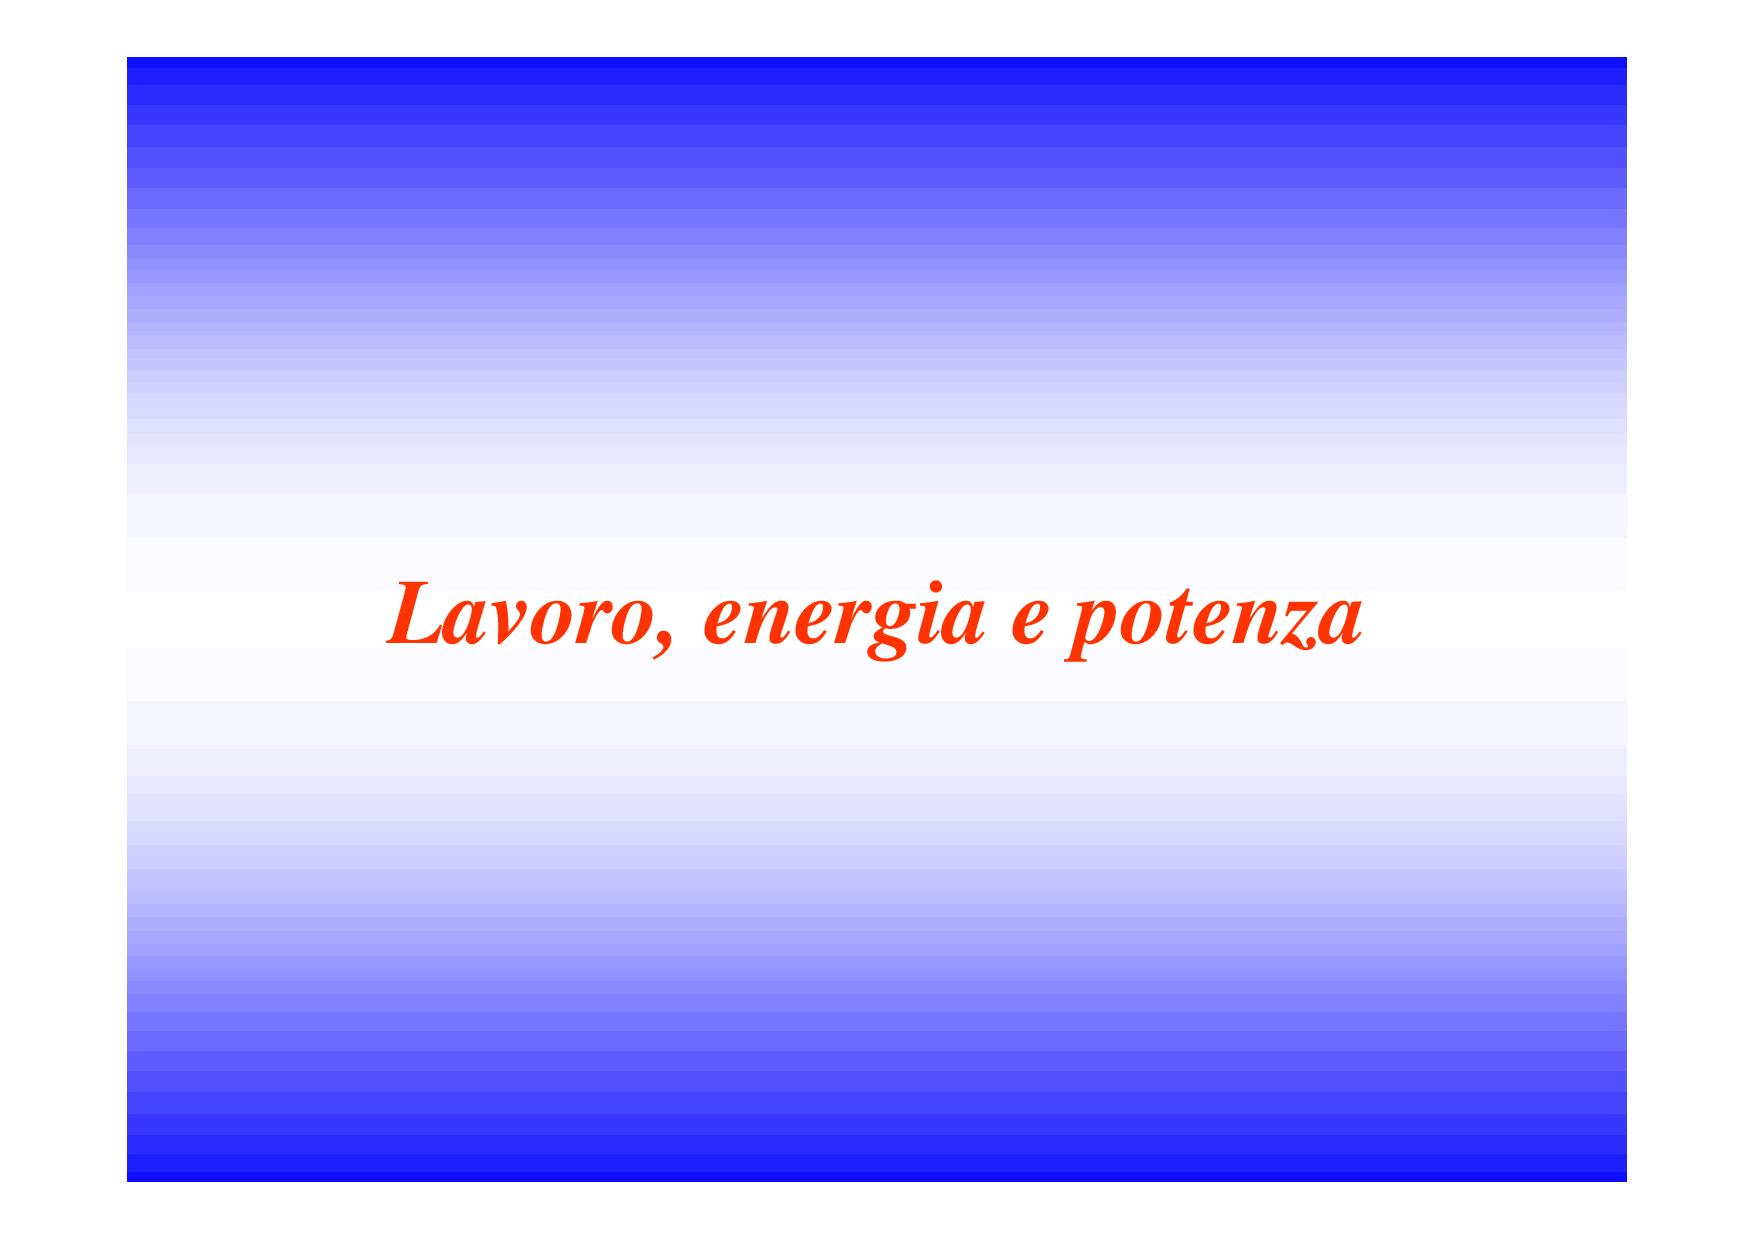 Lavoro, energia meccanica e potenza